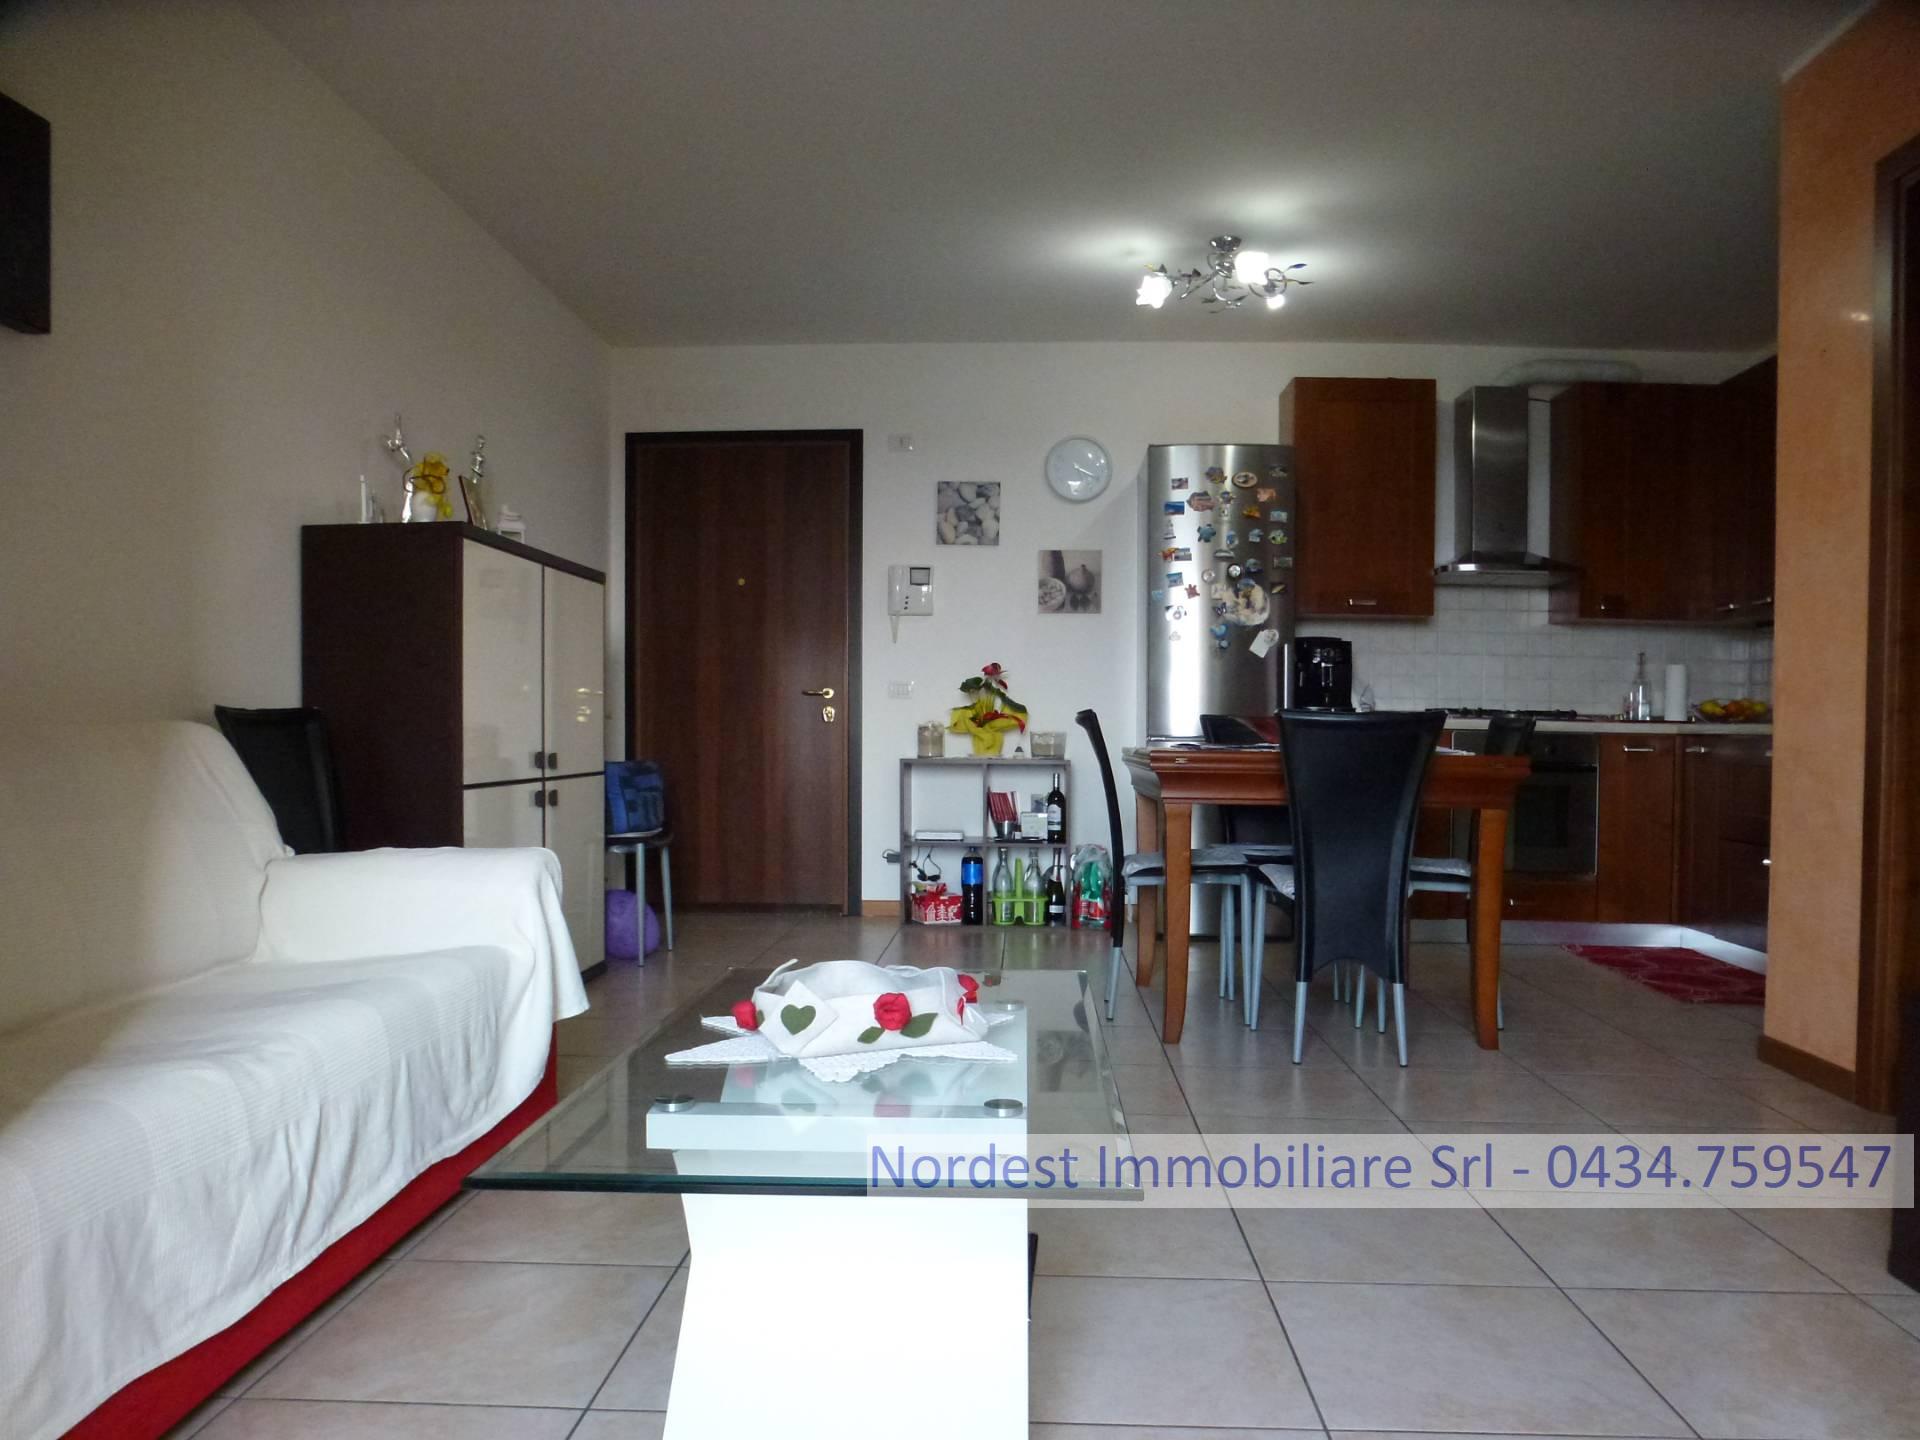 Appartamento in vendita a Prata di Pordenone, 4 locali, Trattative riservate | CambioCasa.it